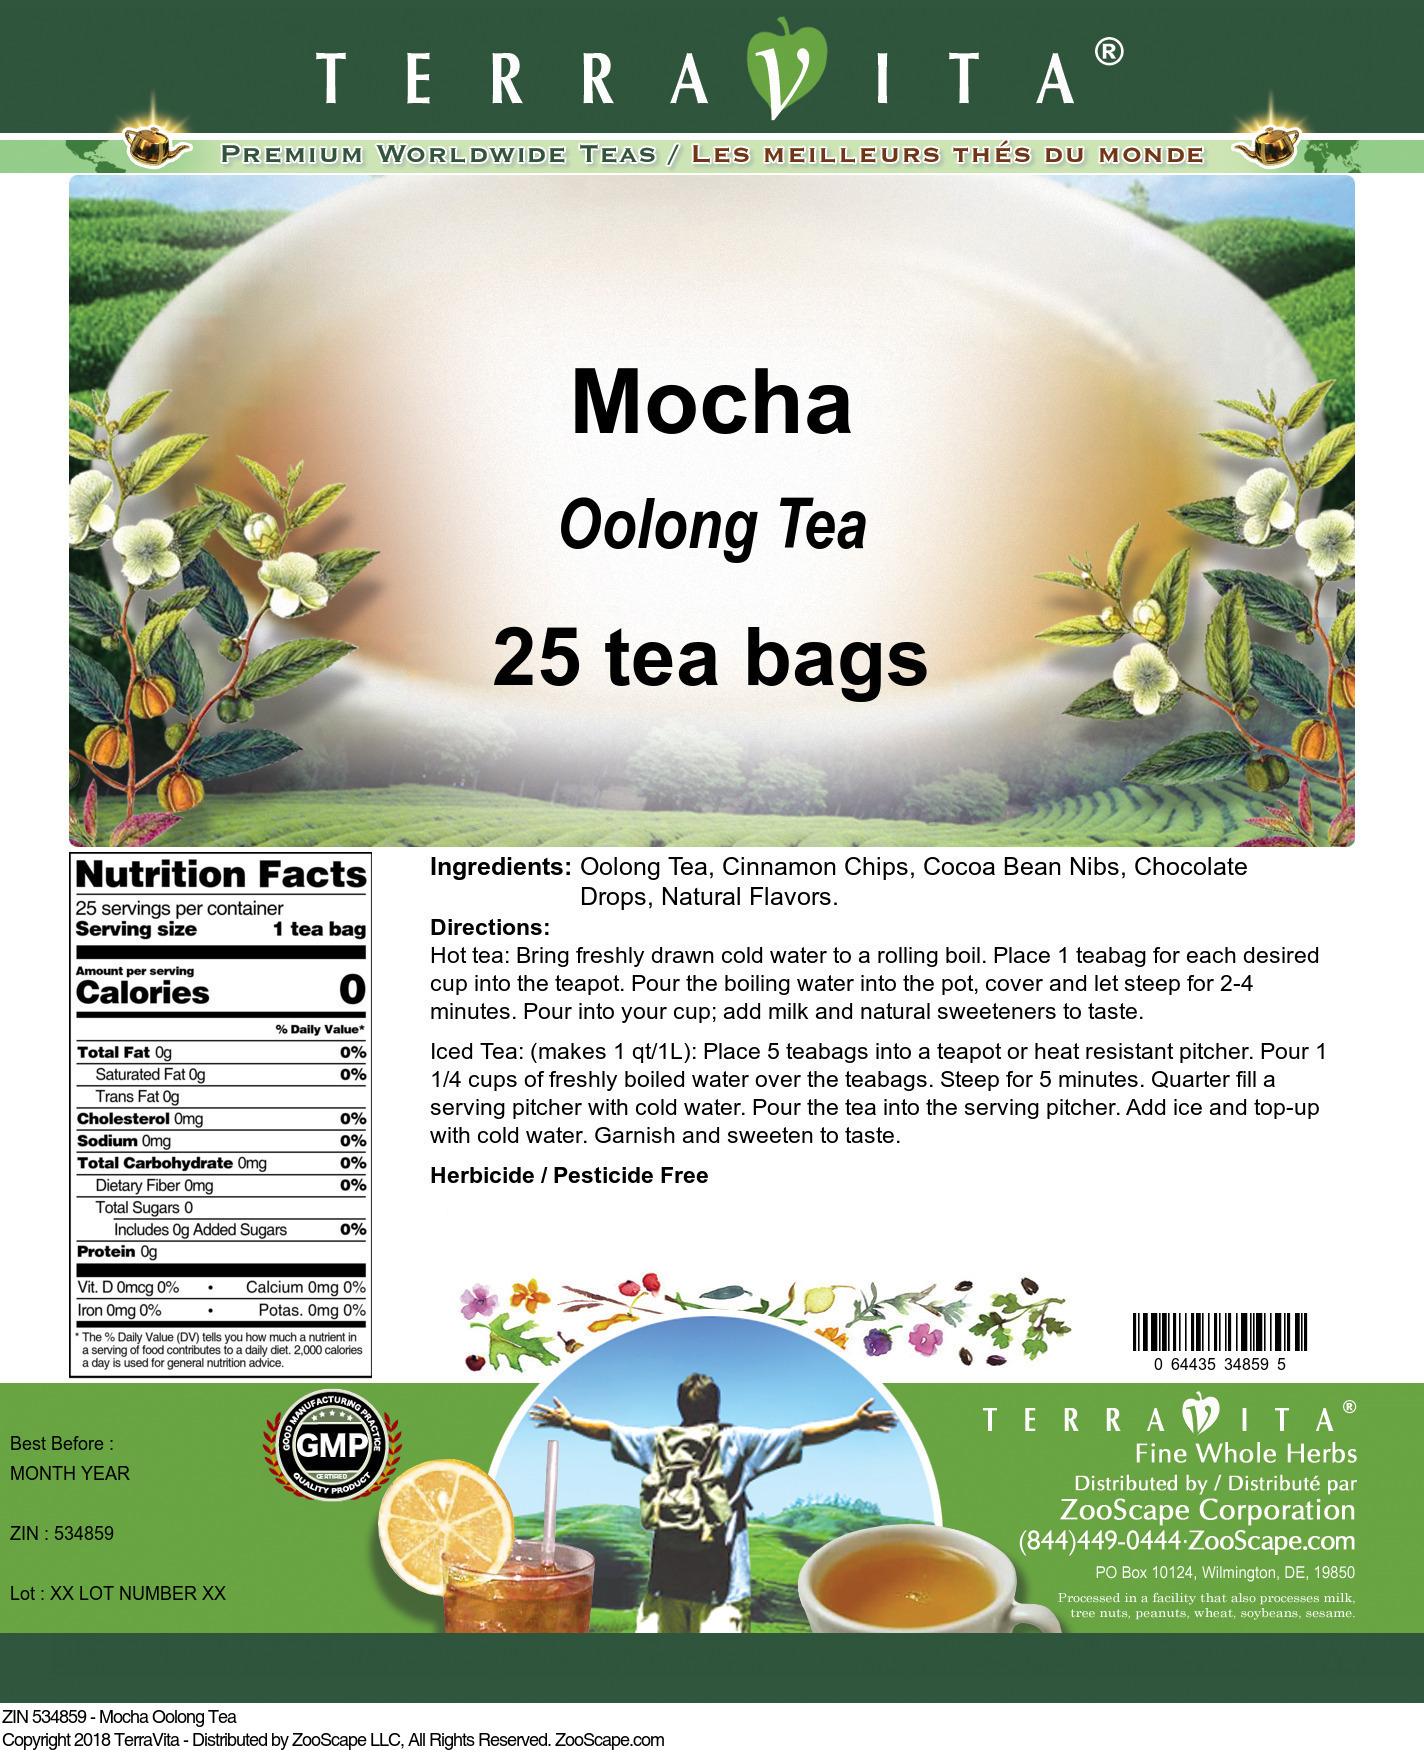 Mocha Oolong Tea